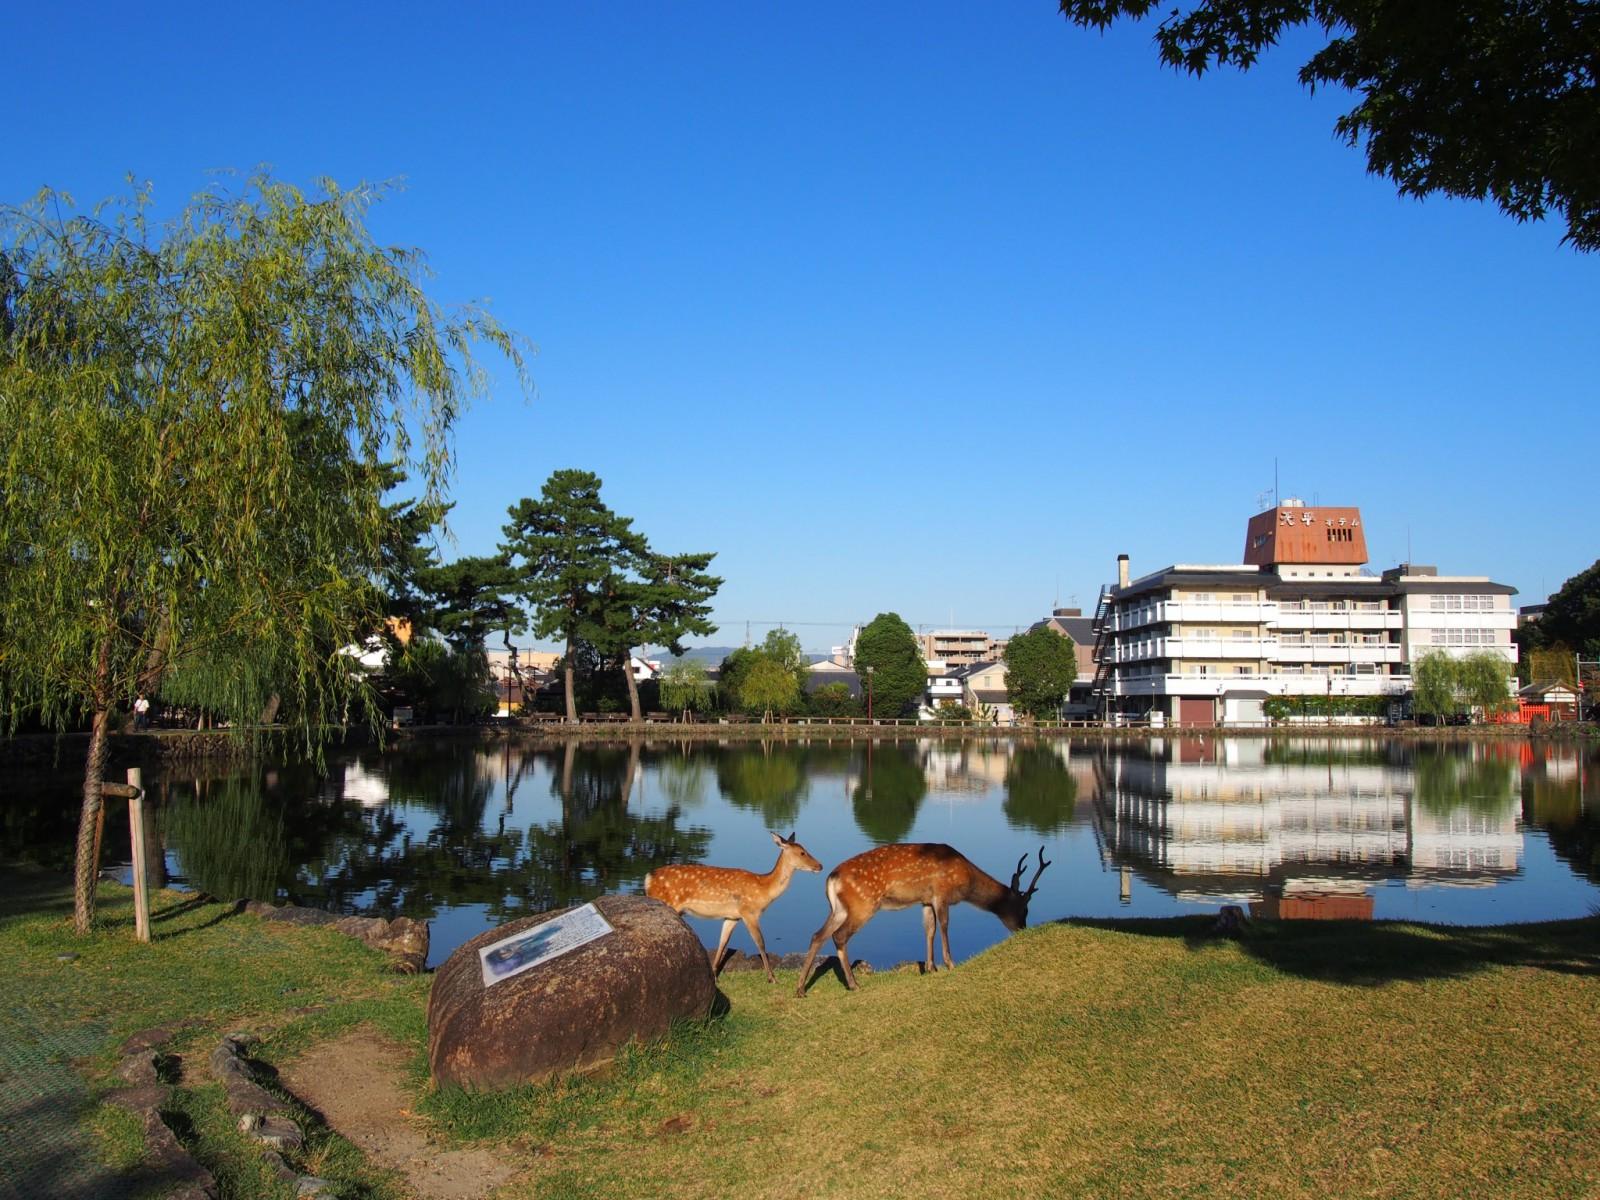 猿沢池】奈良のまちを象徴する「水辺」は采女伝説ゆかりの地 | 奈良 ...